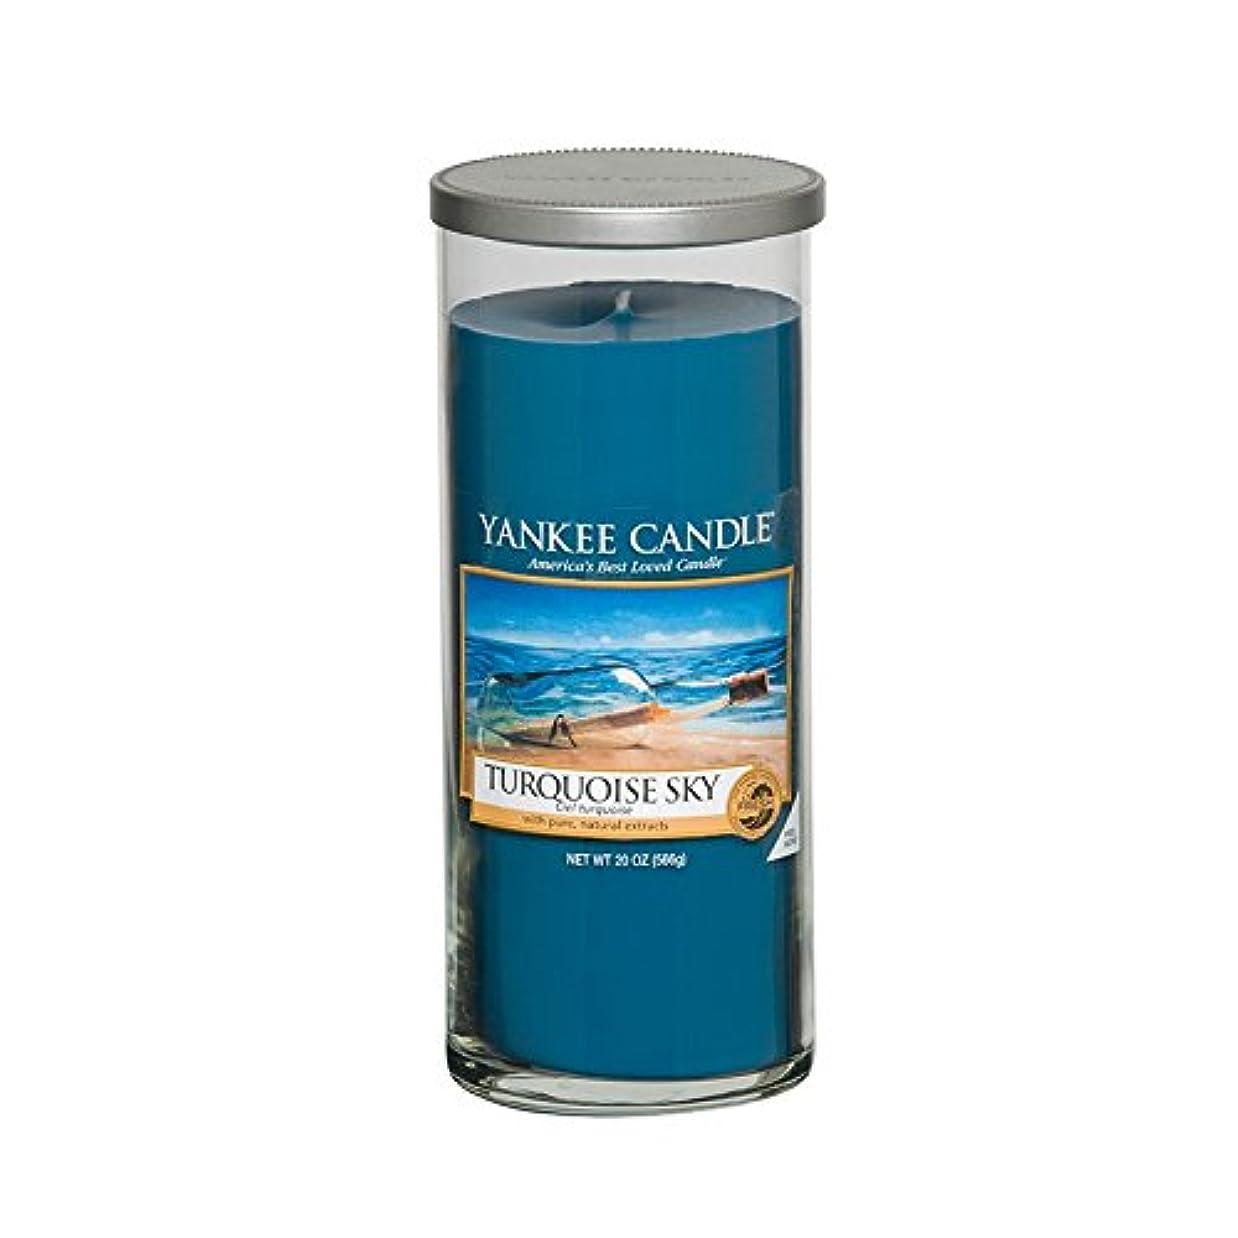 鮫敏感な航海ヤンキーキャンドル大きな柱キャンドル - ターコイズの空 - Yankee Candles Large Pillar Candle - Turquoise Sky (Yankee Candles) [並行輸入品]